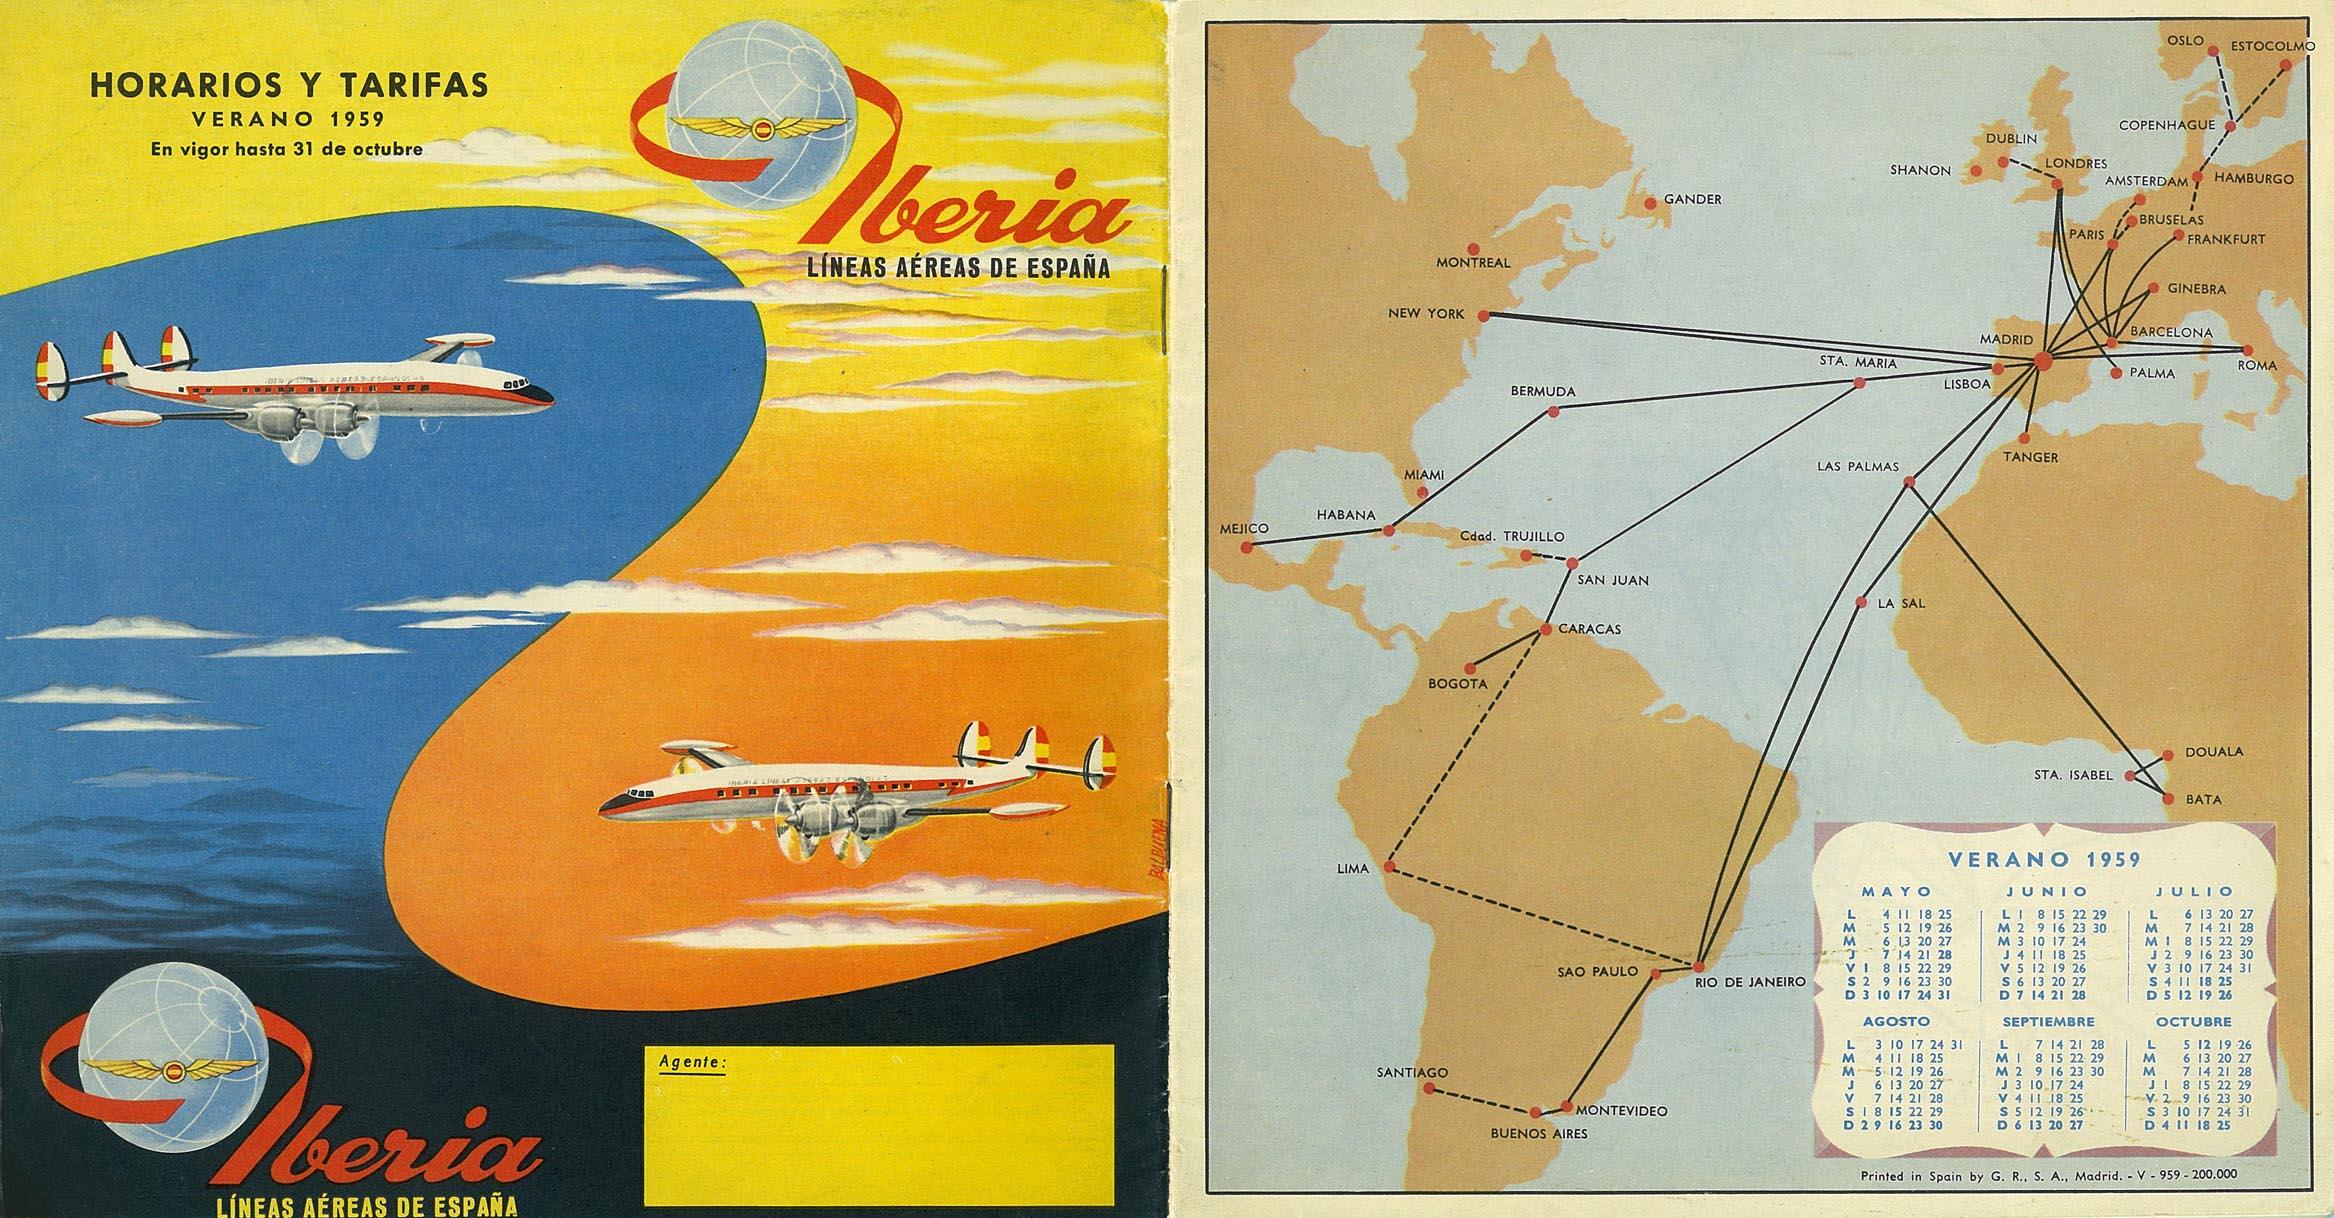 Portada de Tabla de horarios y tarifas de Iberia, de 1959. Colección de Diederik R. Vels Heijn.